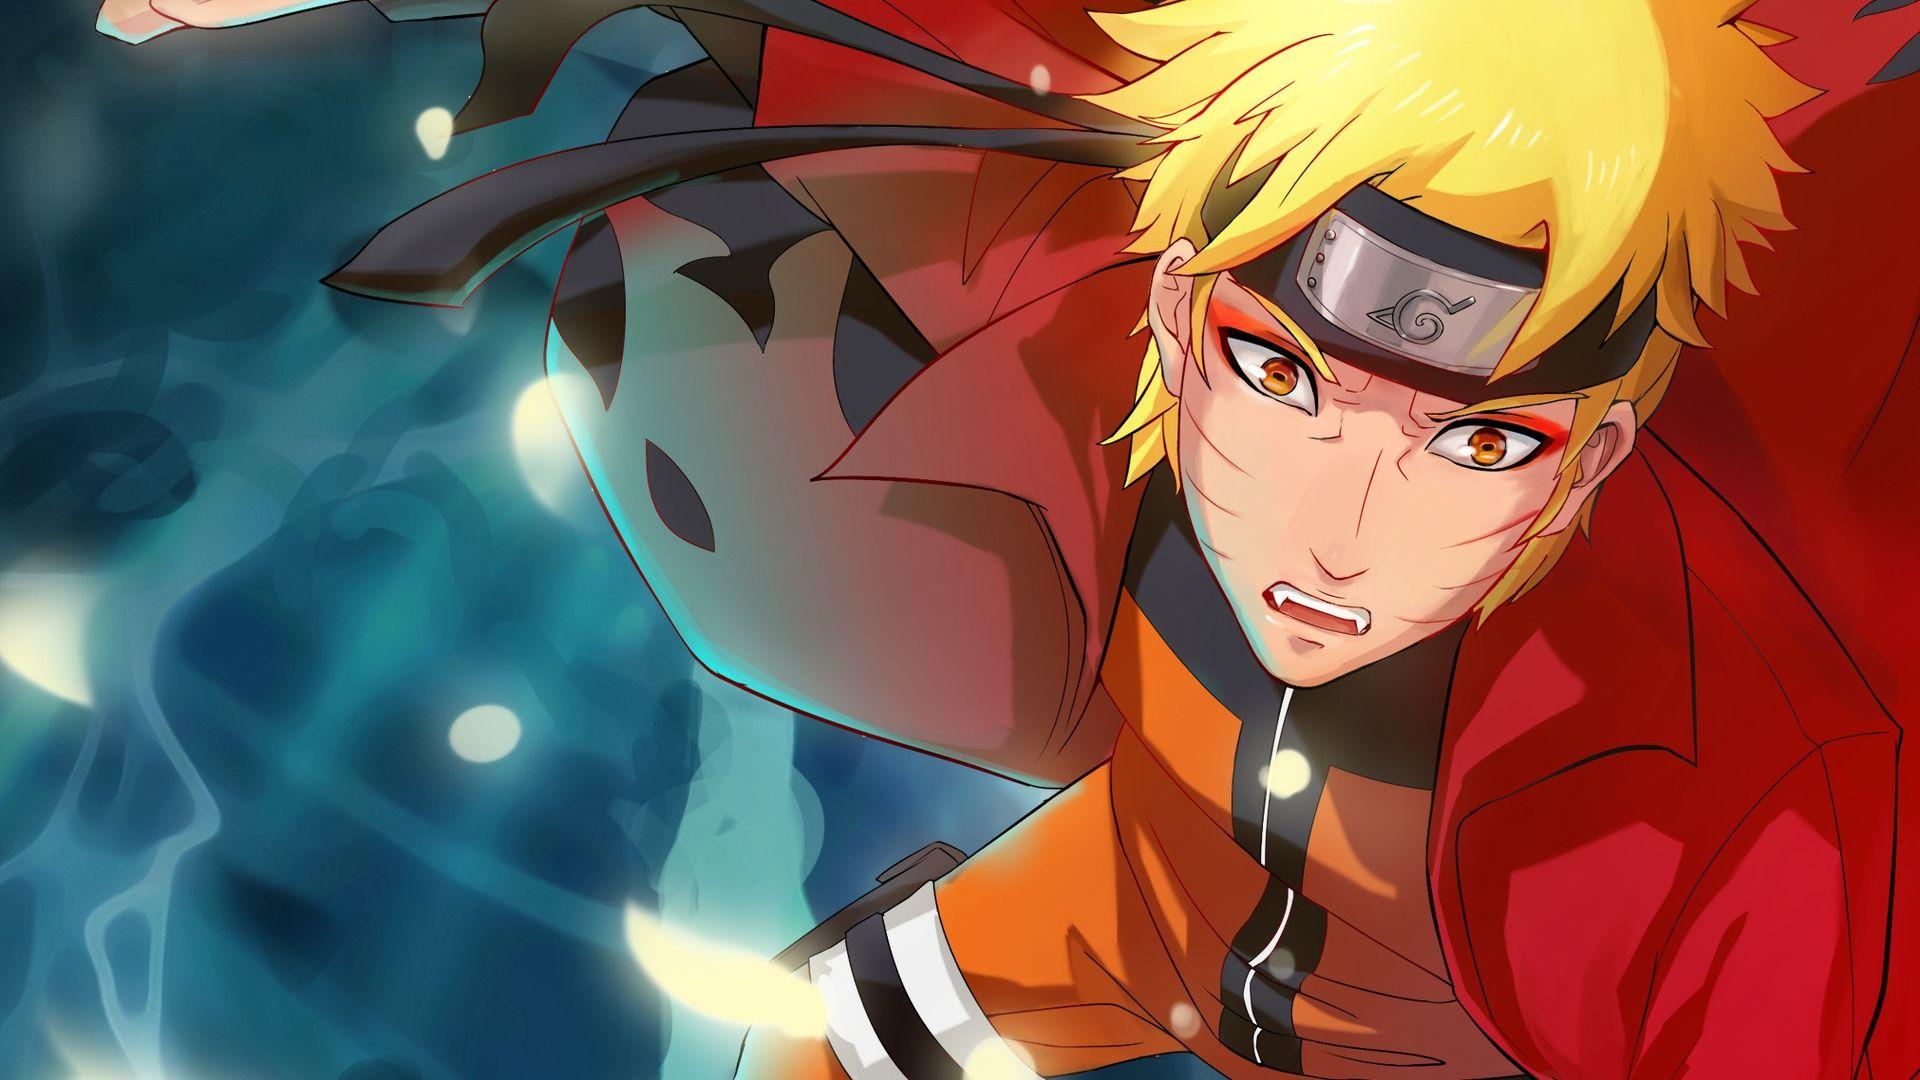 Naruto hd, Free Desktop Wallpaper